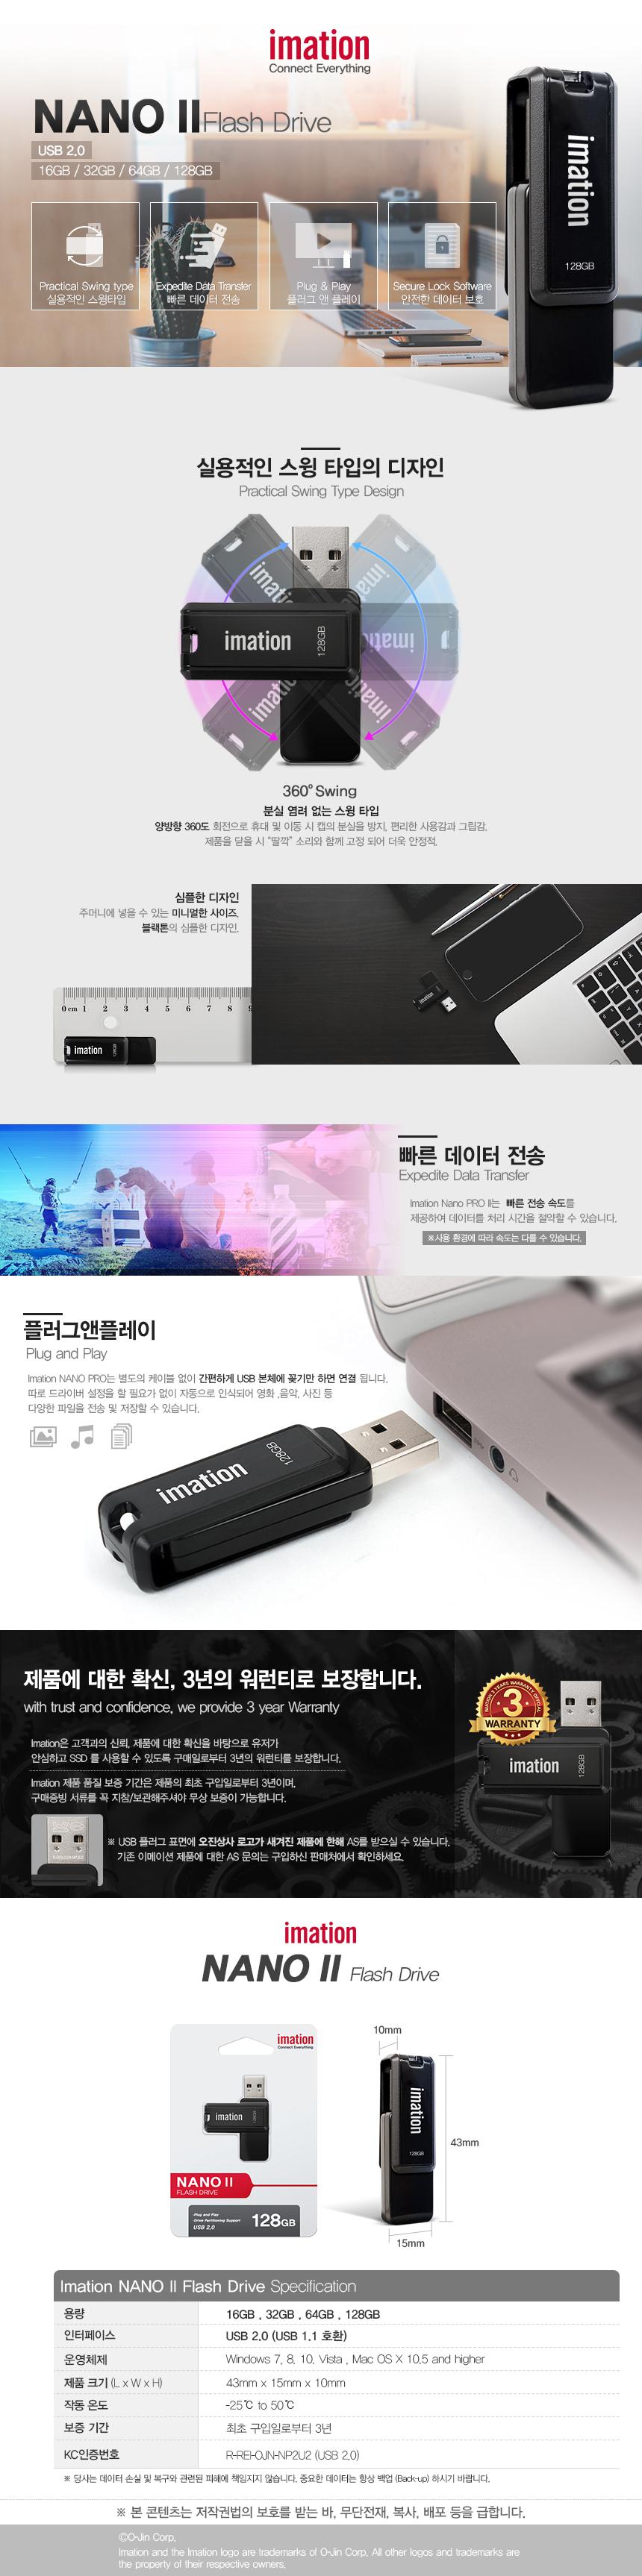 이메이션 NANO II (16GB)